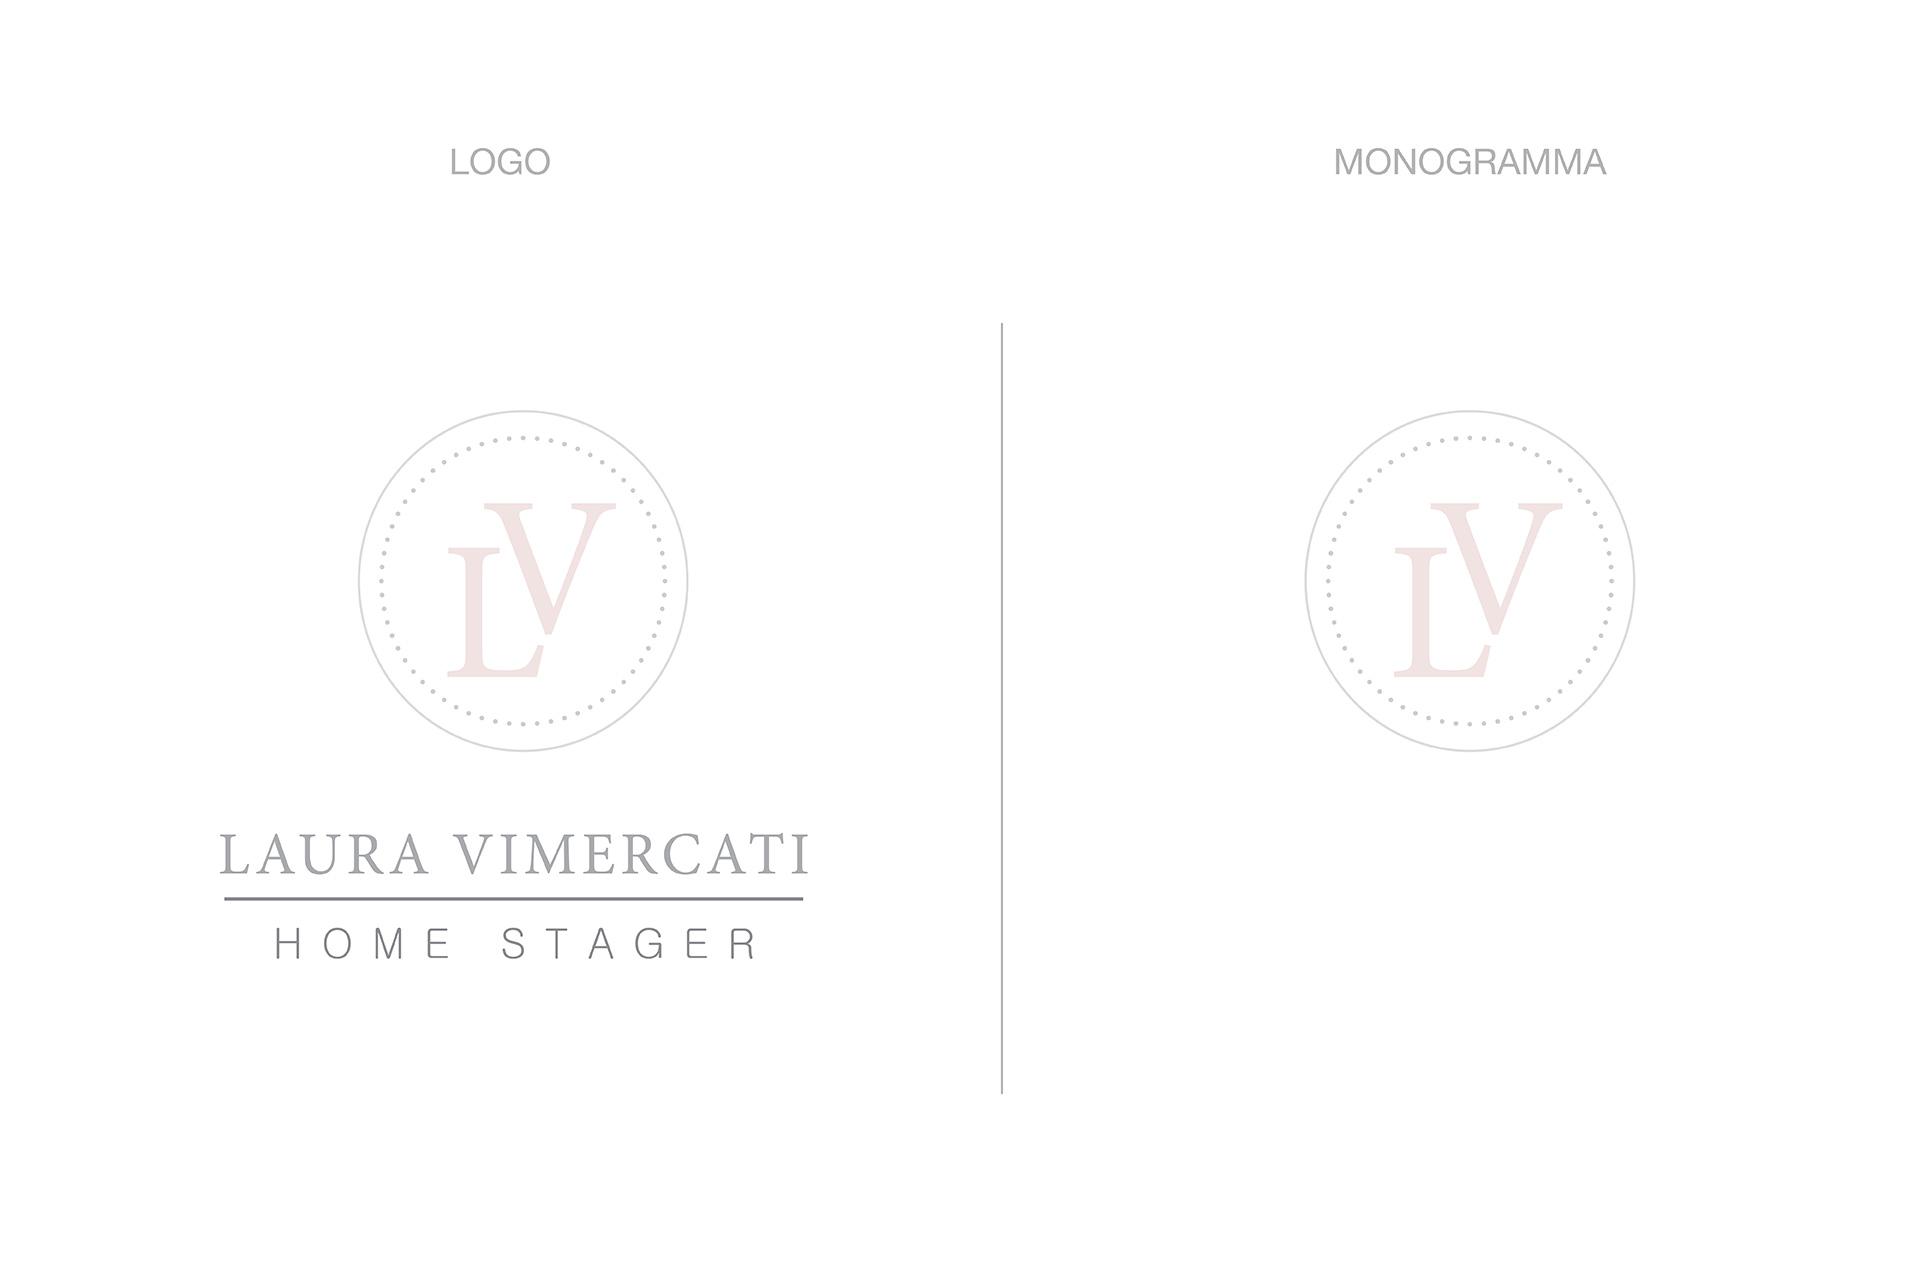 Laura Vimercati progetto di grafica